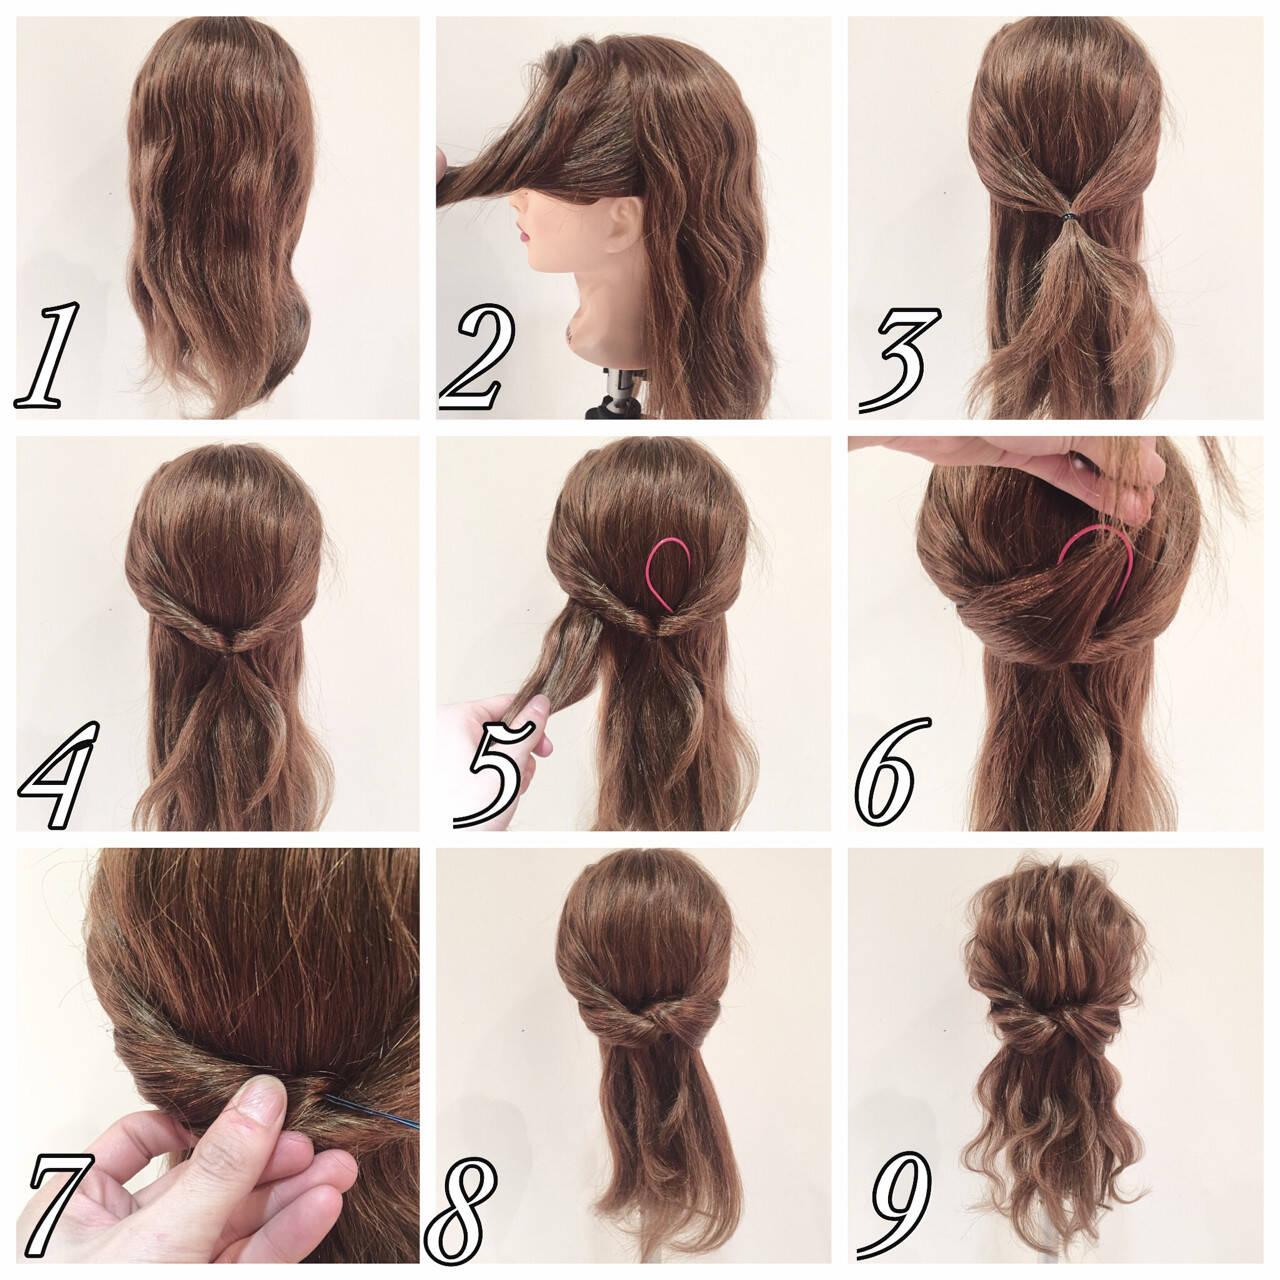 ロング 簡単ヘアアレンジ ハーフアップ ヘアアレンジヘアスタイルや髪型の写真・画像